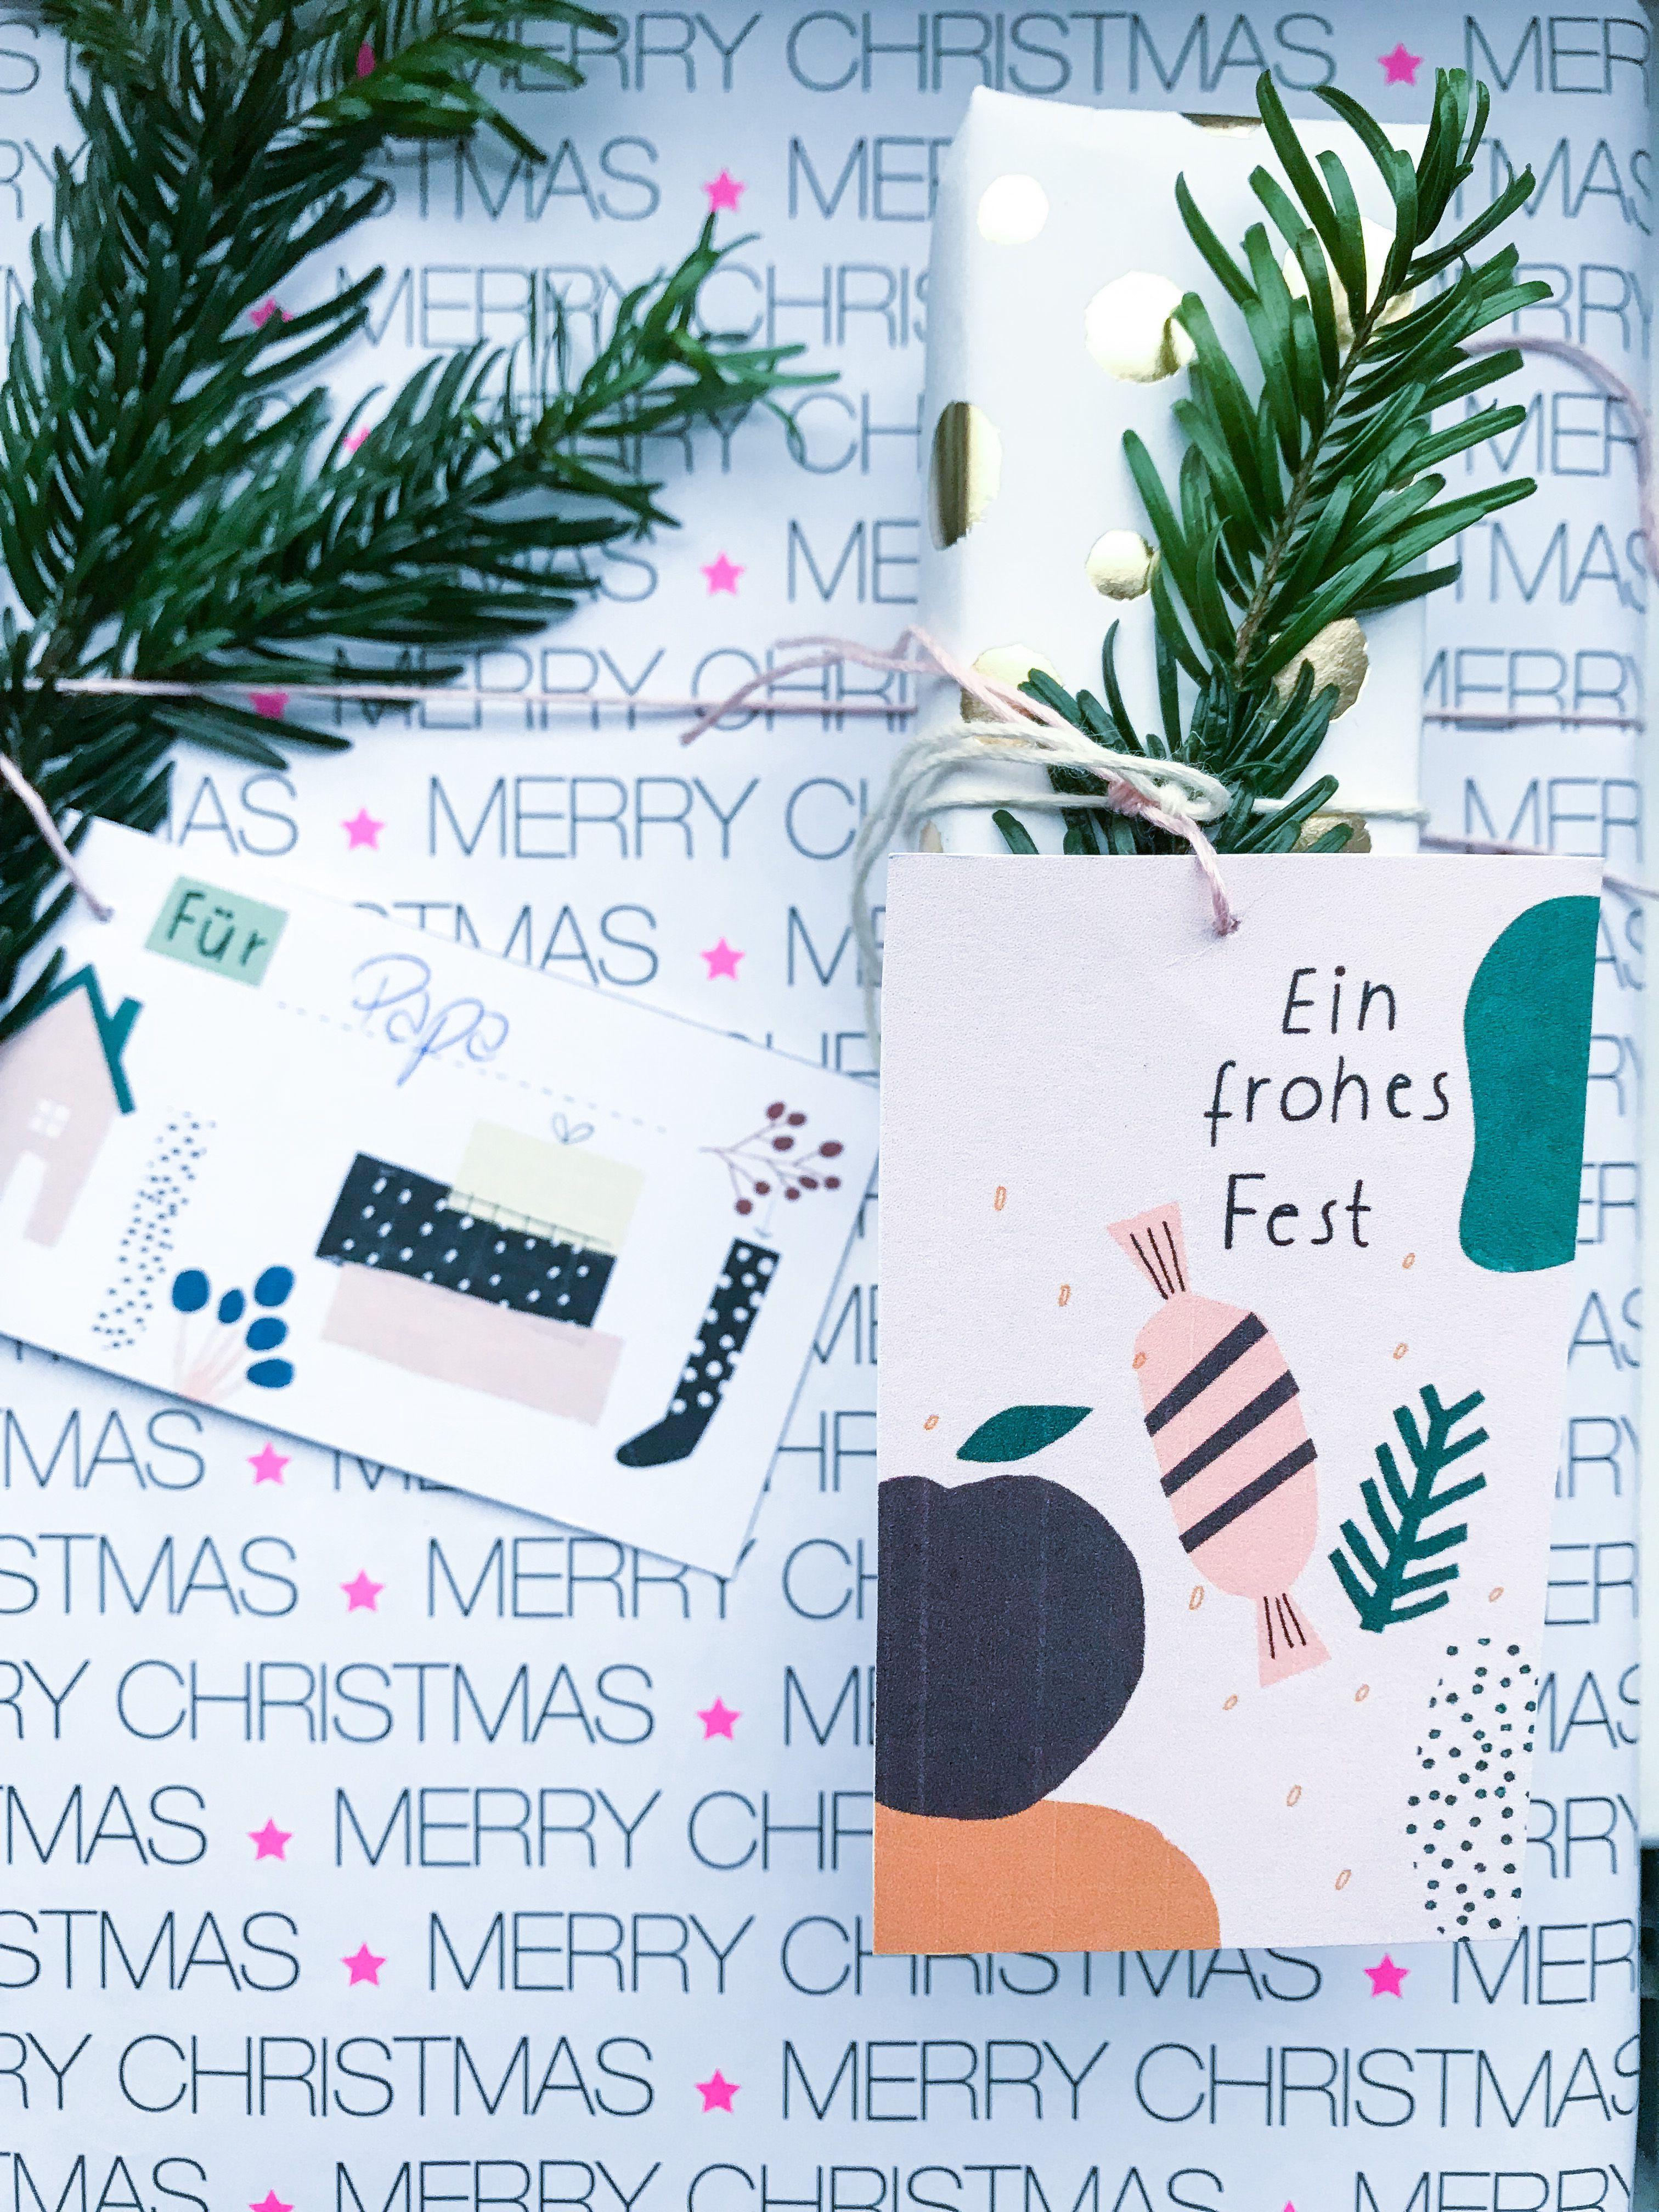 Free Printable Geschenkanhänger zu Weihnachten | Frohe Weihnachten ...